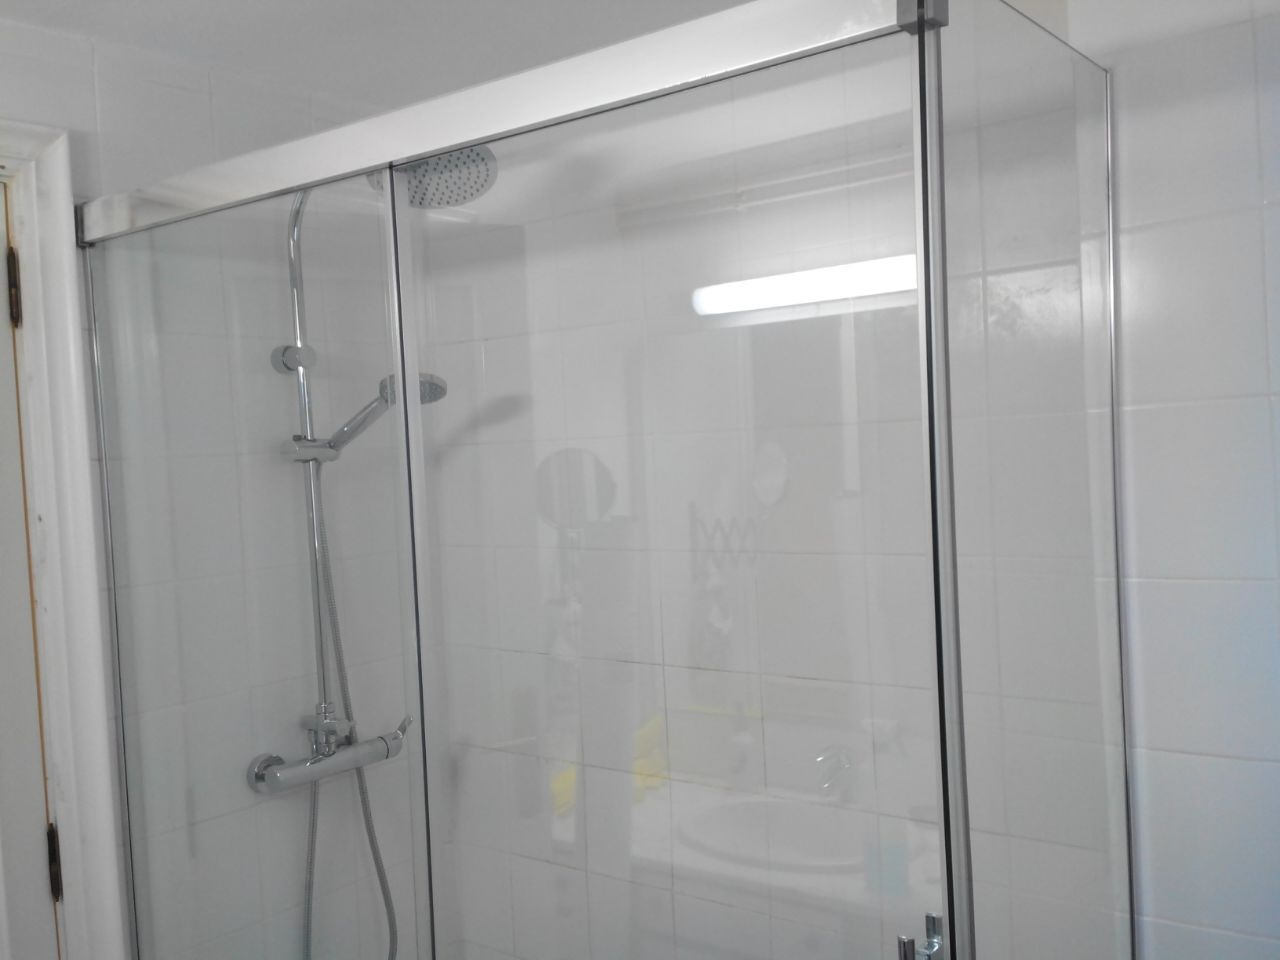 Puertas De Baño Acrilicas:Acabados de vidrio para mamparas de baño a medida en Asealia